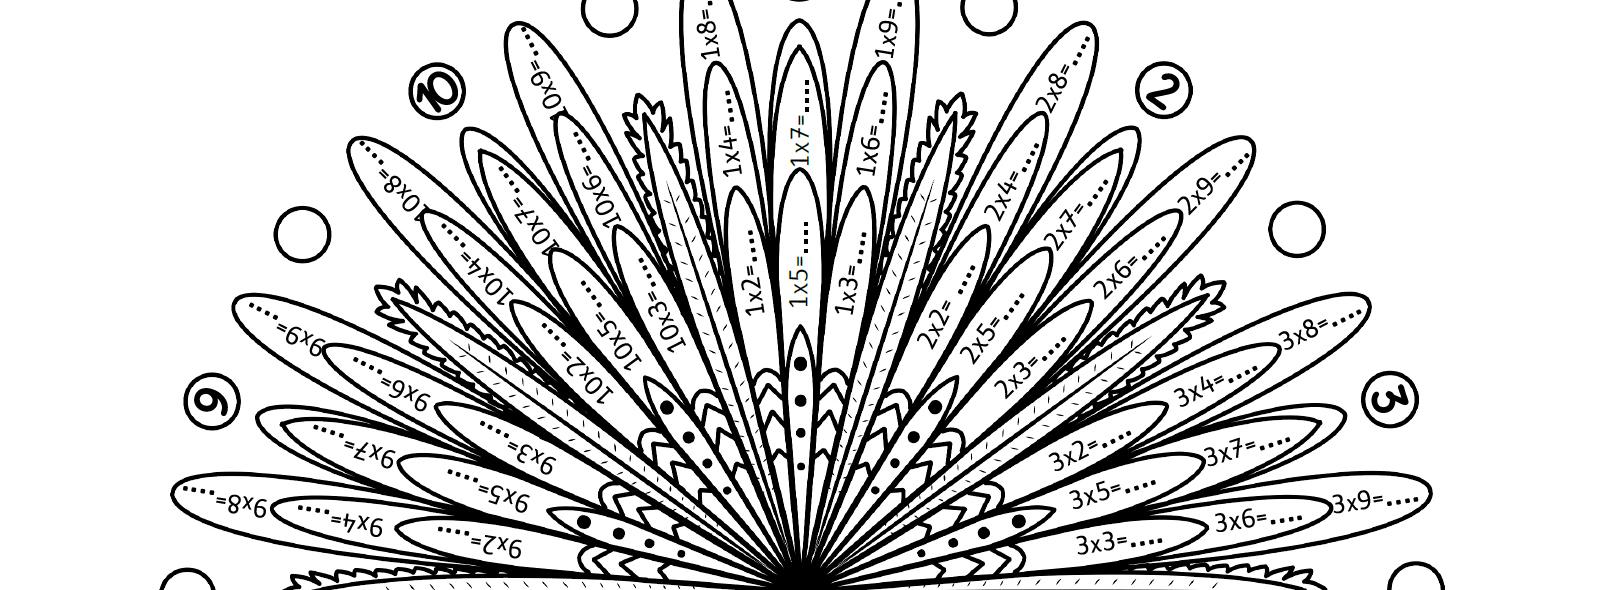 Mes Mandalas Des Tables De Multiplication - La Tanière De Kyban avec Jeux De Coloriage De Rosace